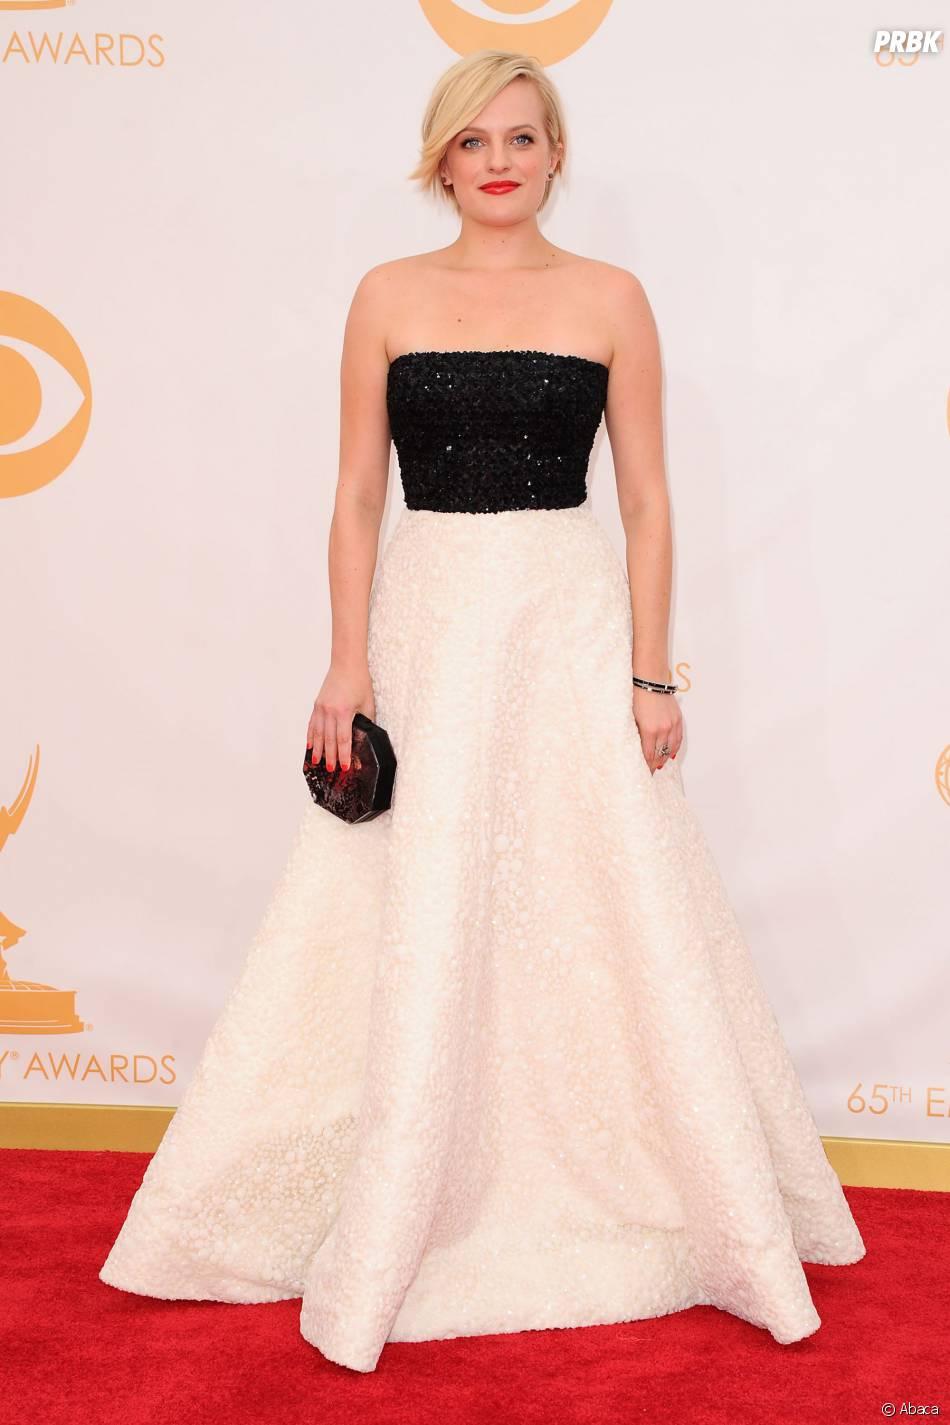 Elizabeth Moss aux Emmy Awards 2013 le 22 septembre 2013 à Los Angeles